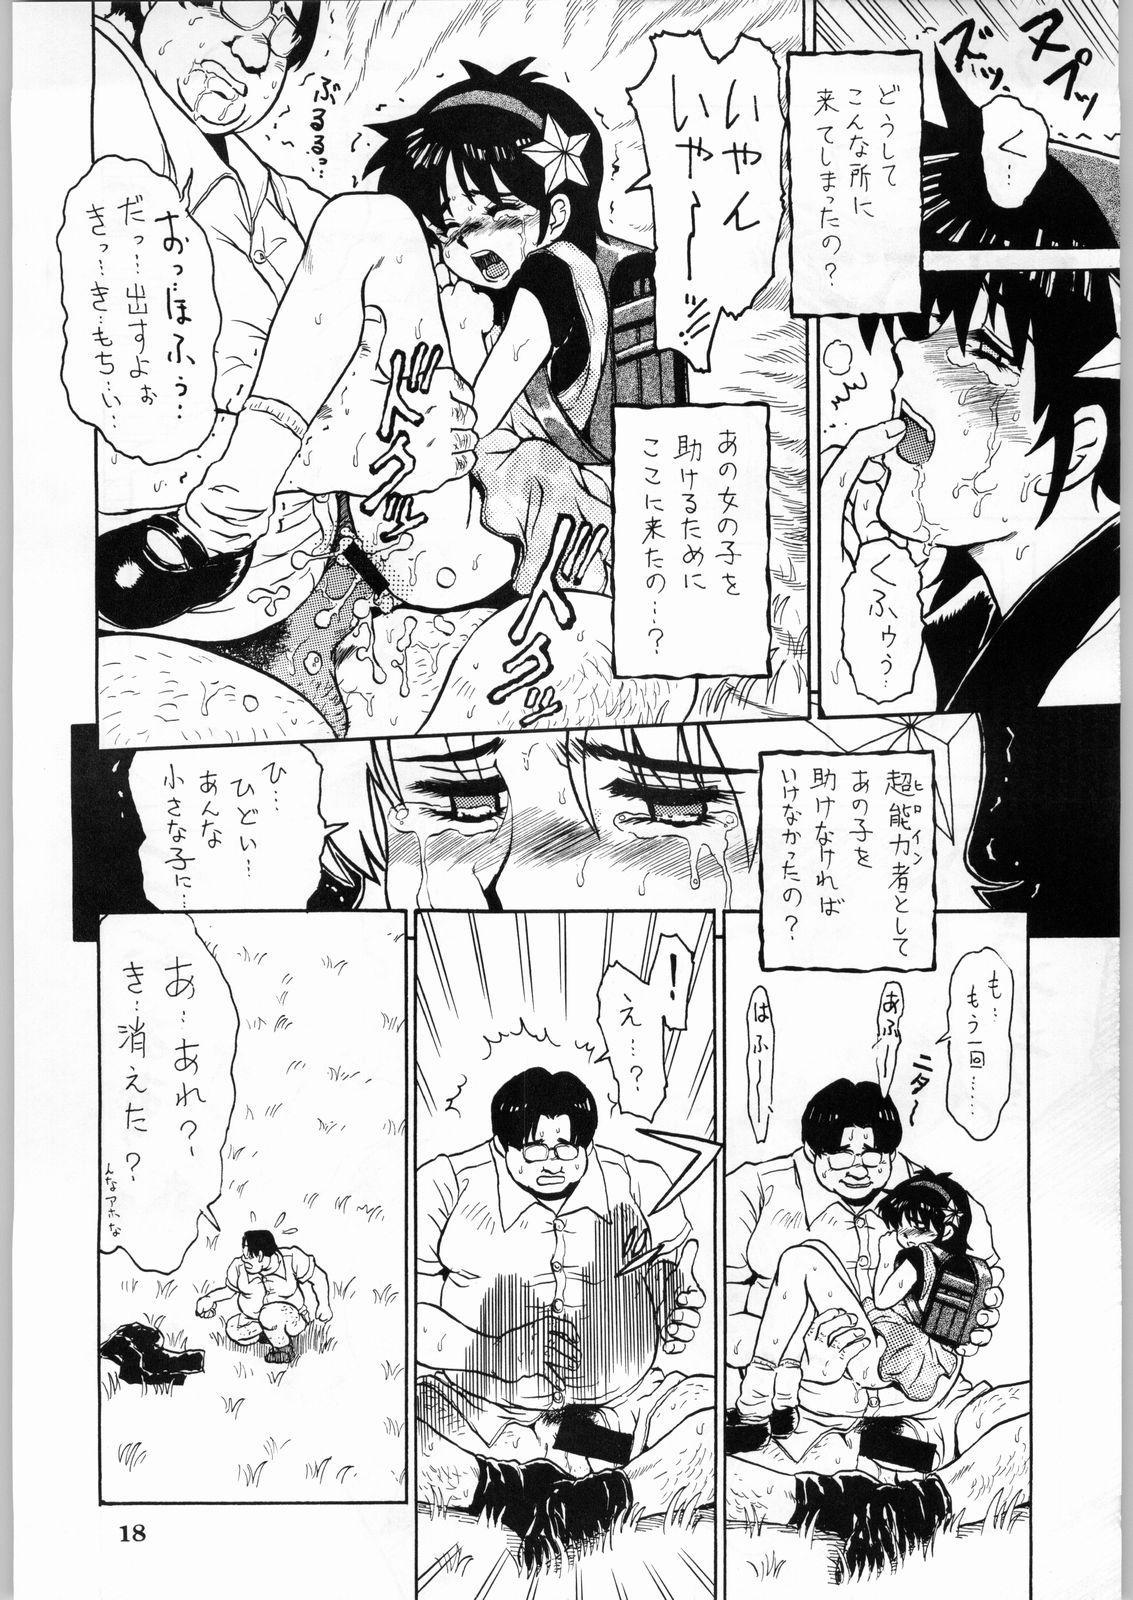 Shikiyoku Hokkedan 8 17